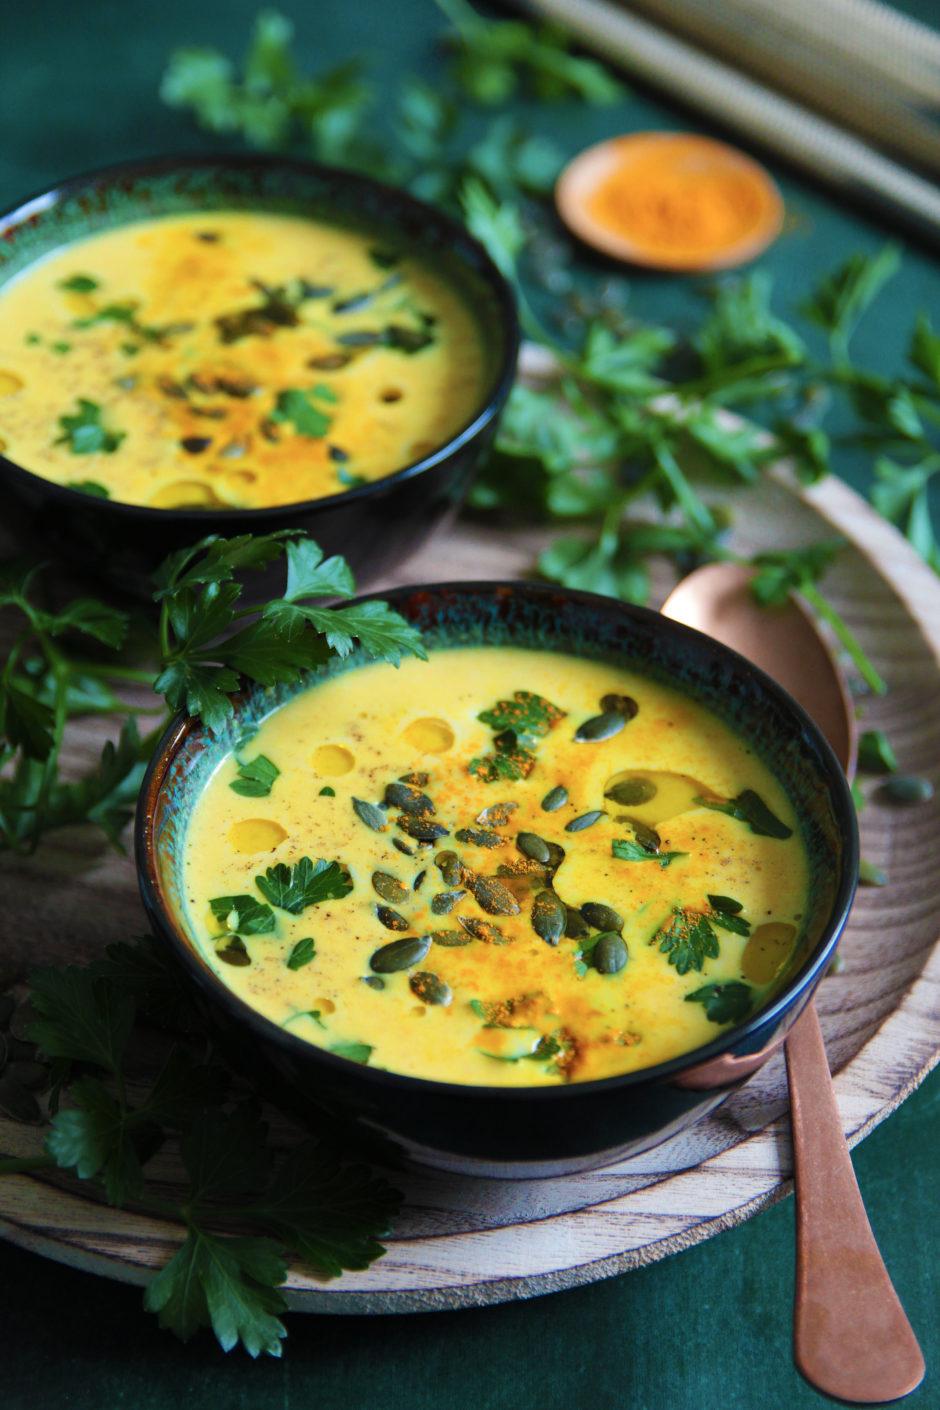 potiron, soupe, photo et recette l'atelier de Steph et lolie, curcuma